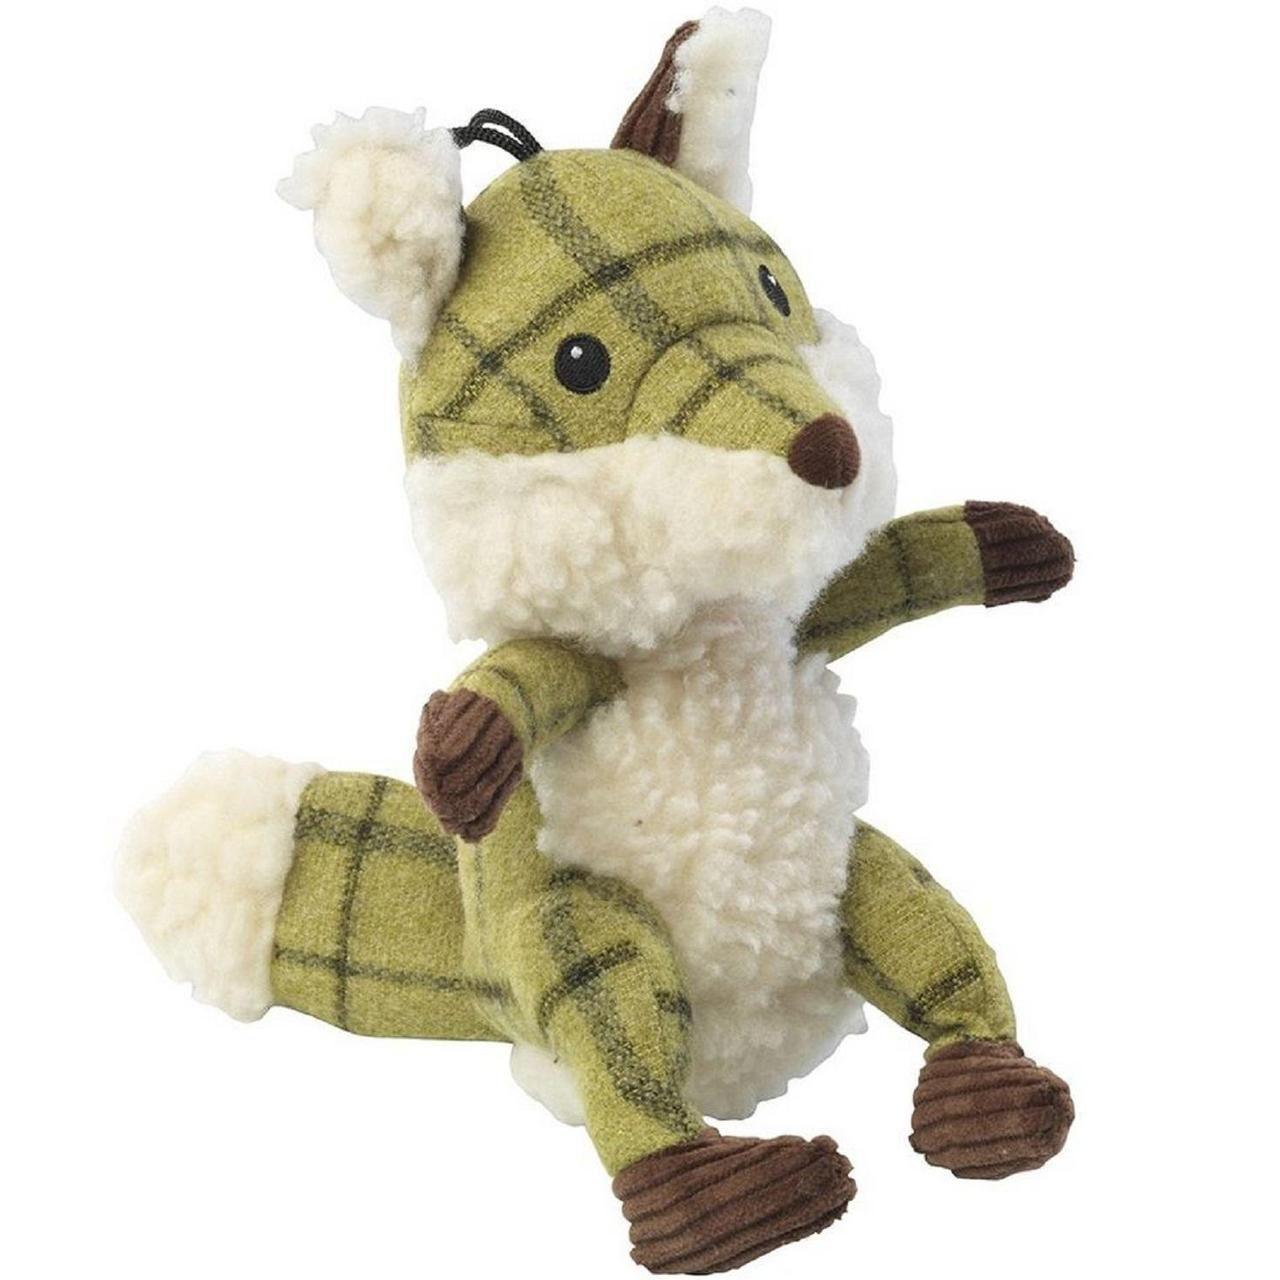 Tweed plush fox. A fun plush green tweed fox dog toy with